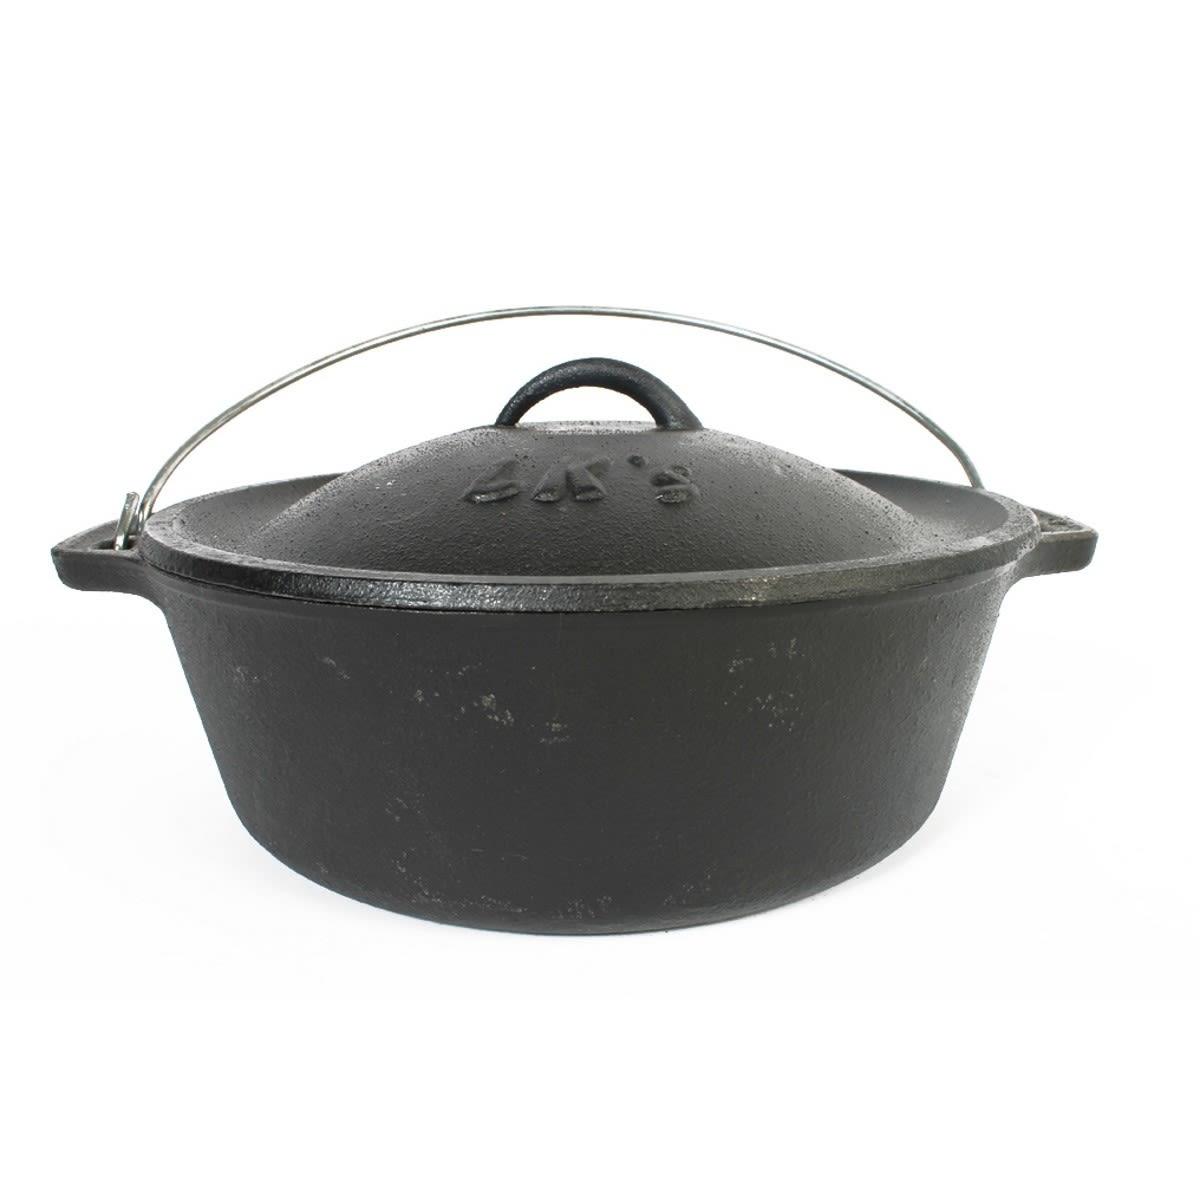 LK Cast Iron Bake Pot - No. 12